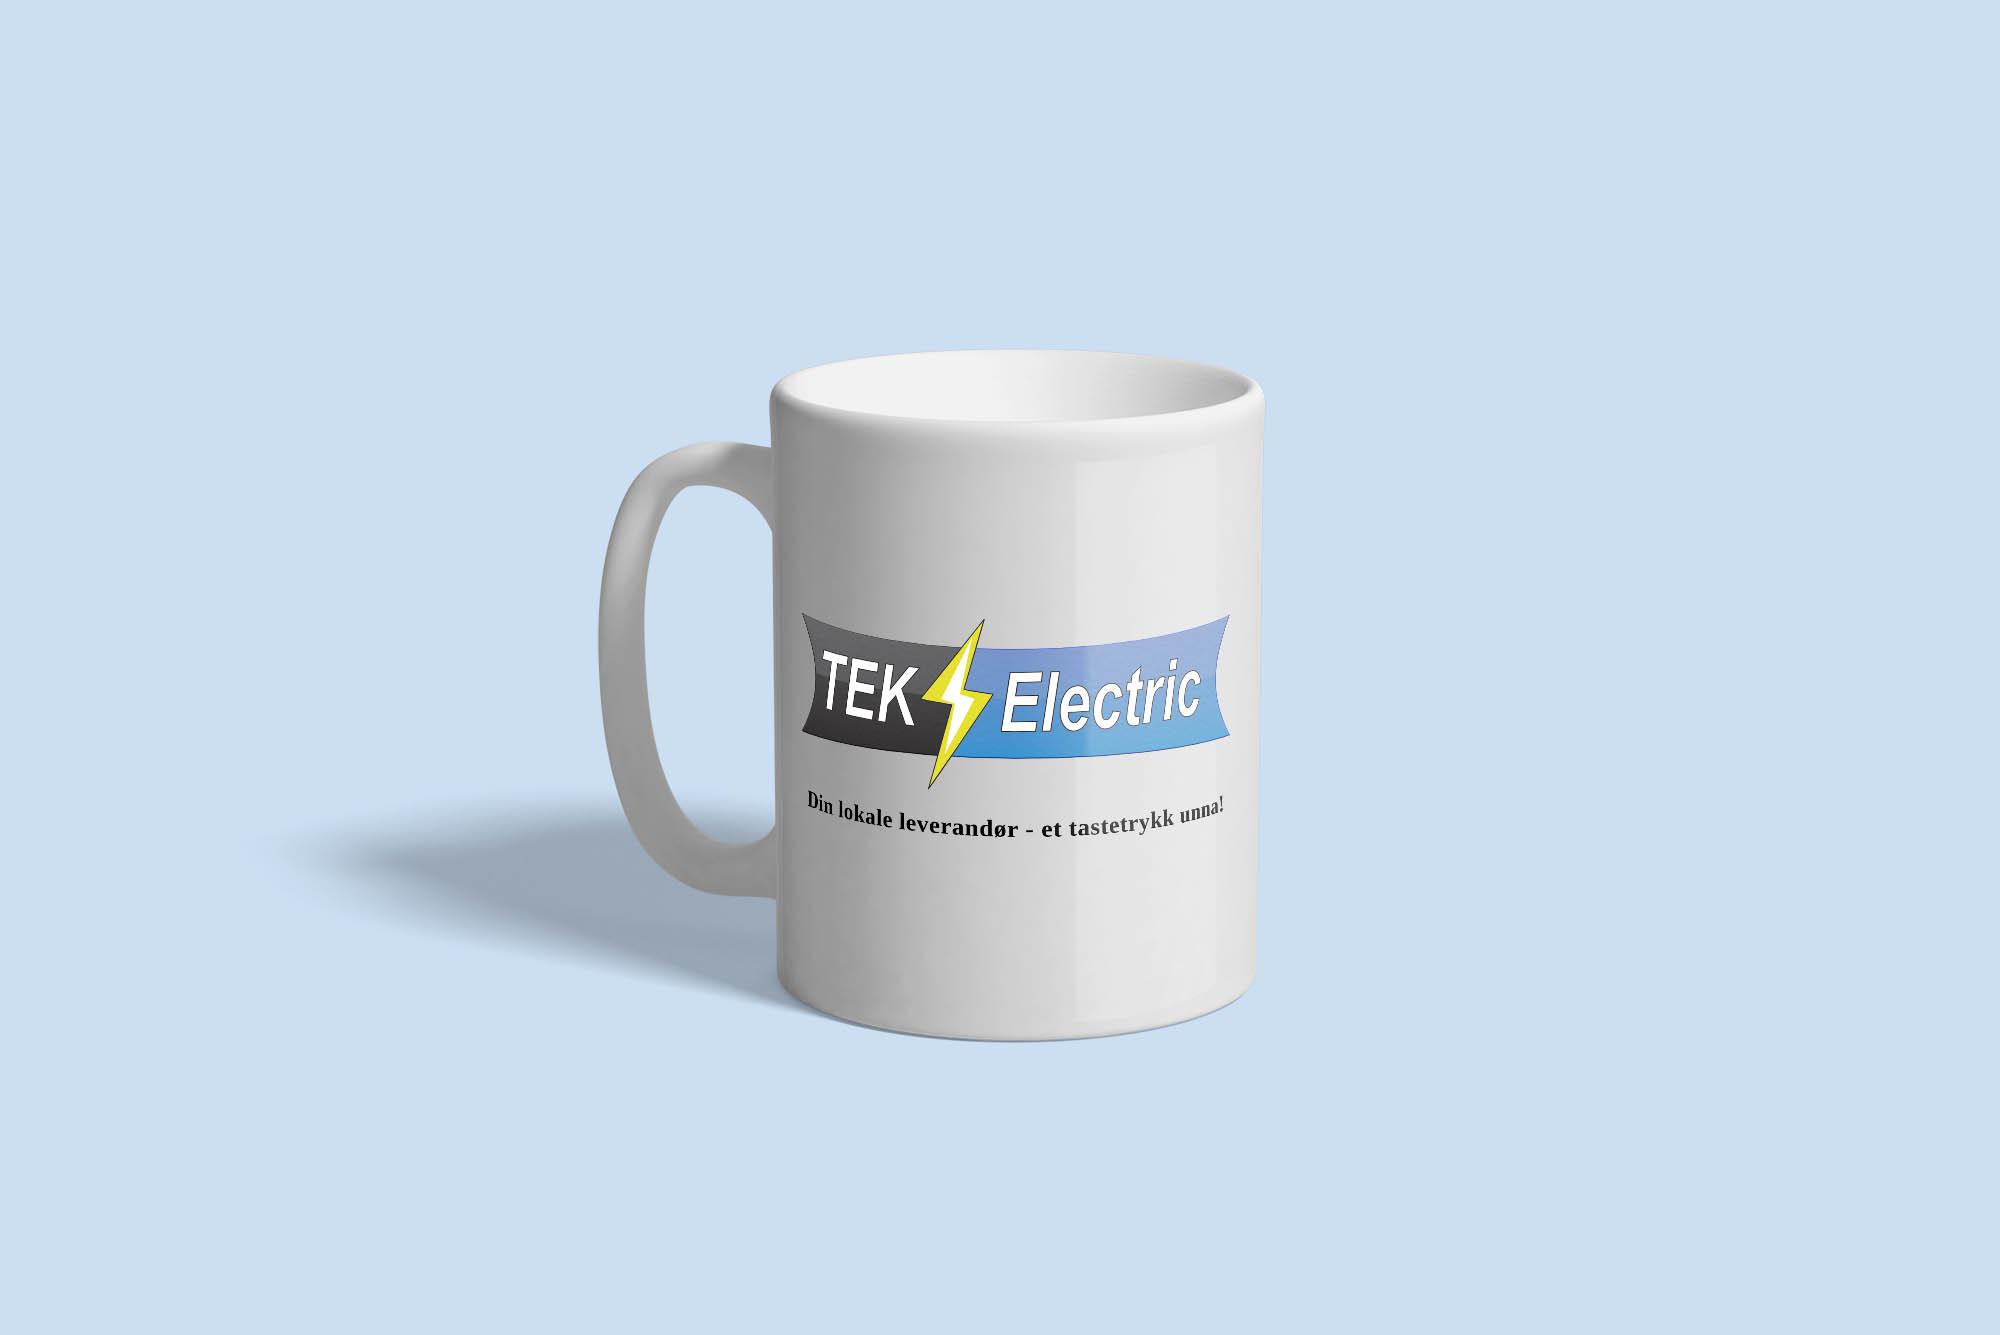 TEK Electric sin logo plassert på en kopp